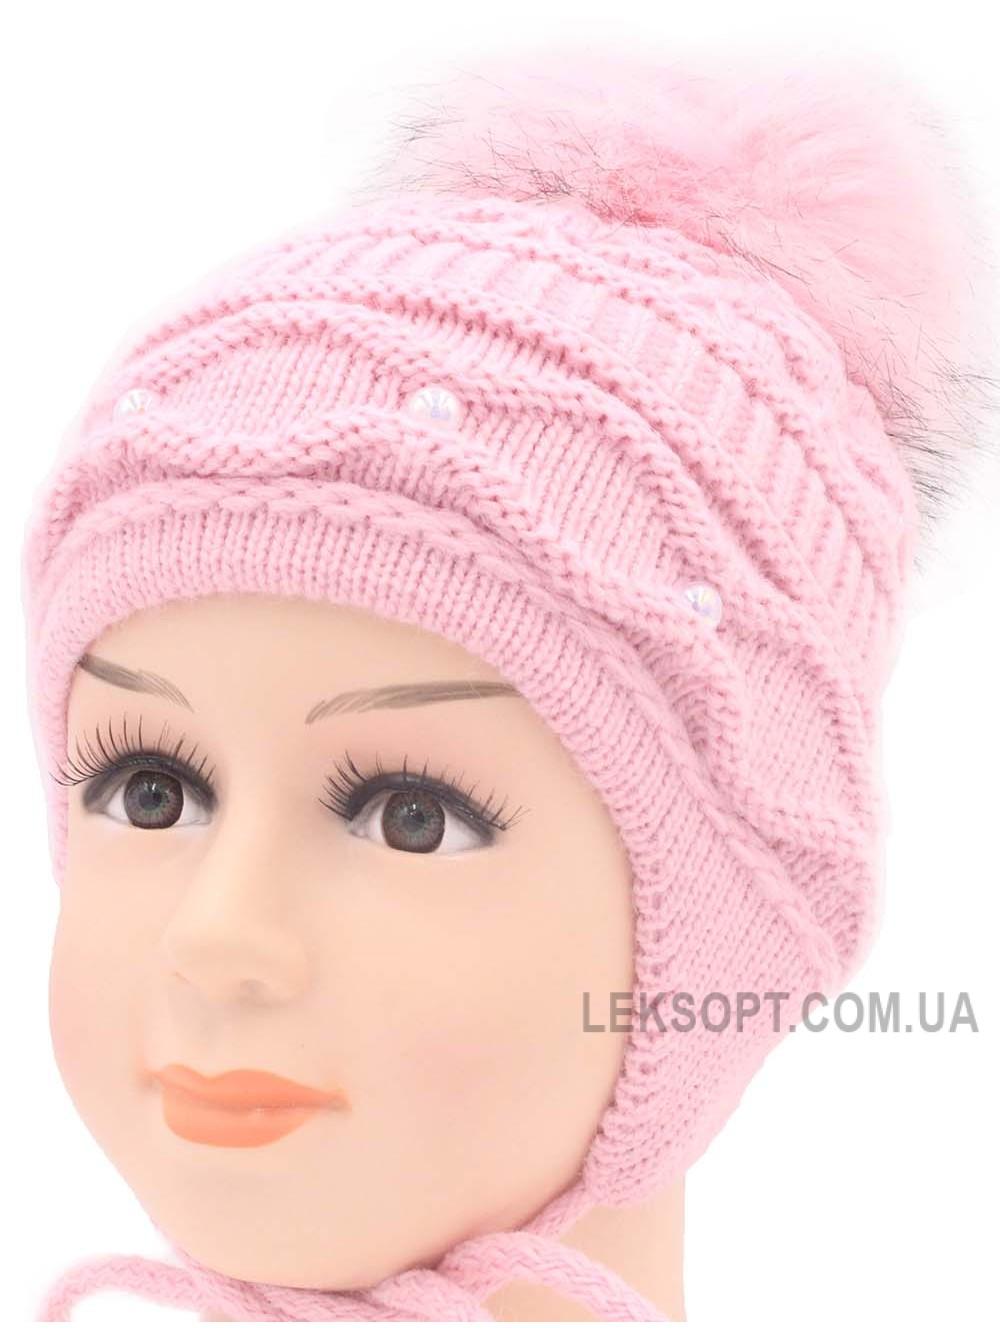 Детская вязаная шапка Синди D46529-44-48